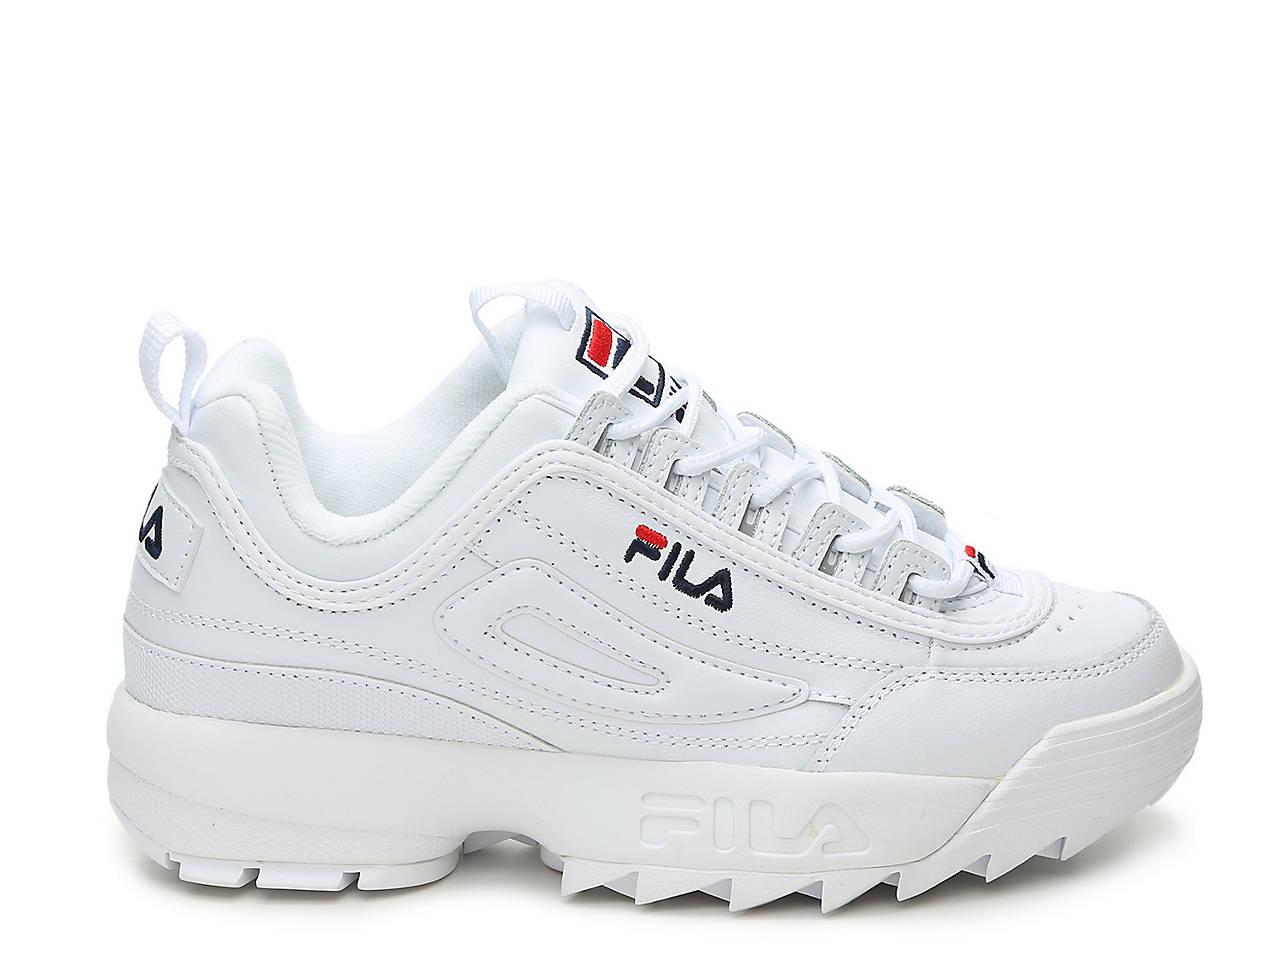 Fila Disruptor Ii Premium Sneaker - Mens Mens Shoes  Dsw-6578